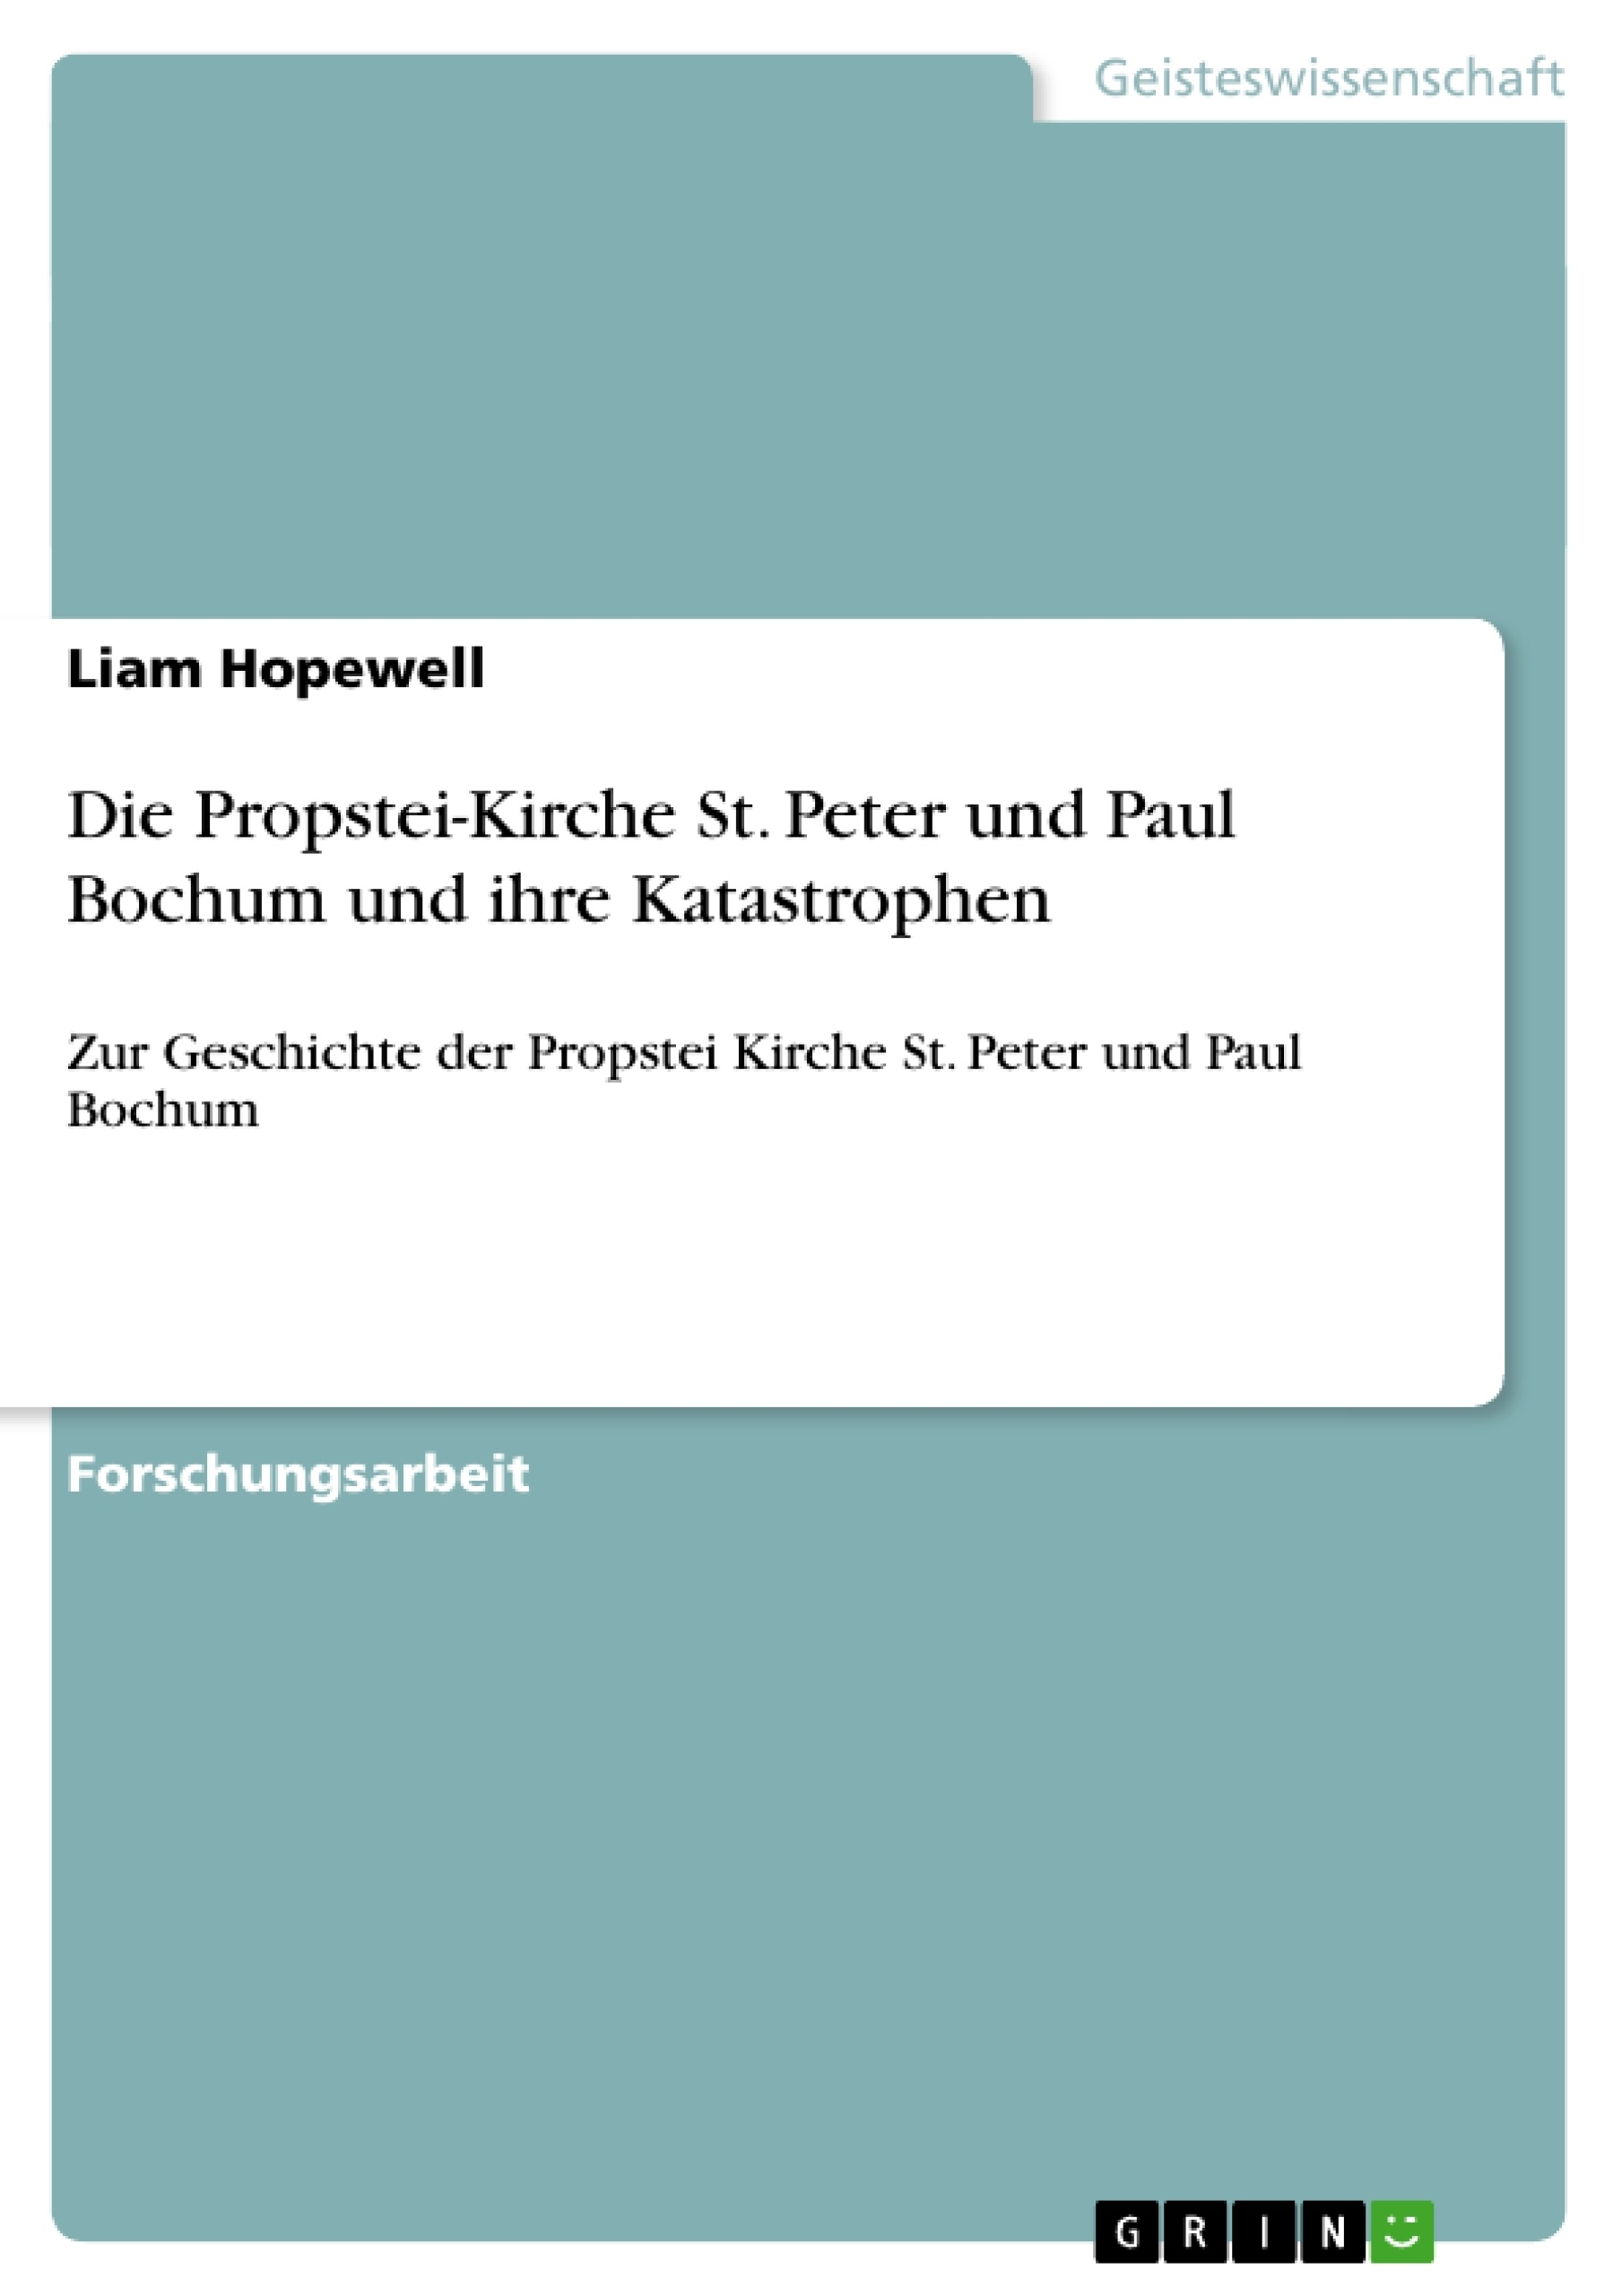 Titel: Die Propstei-Kirche St. Peter und Paul Bochum und ihre Katastrophen